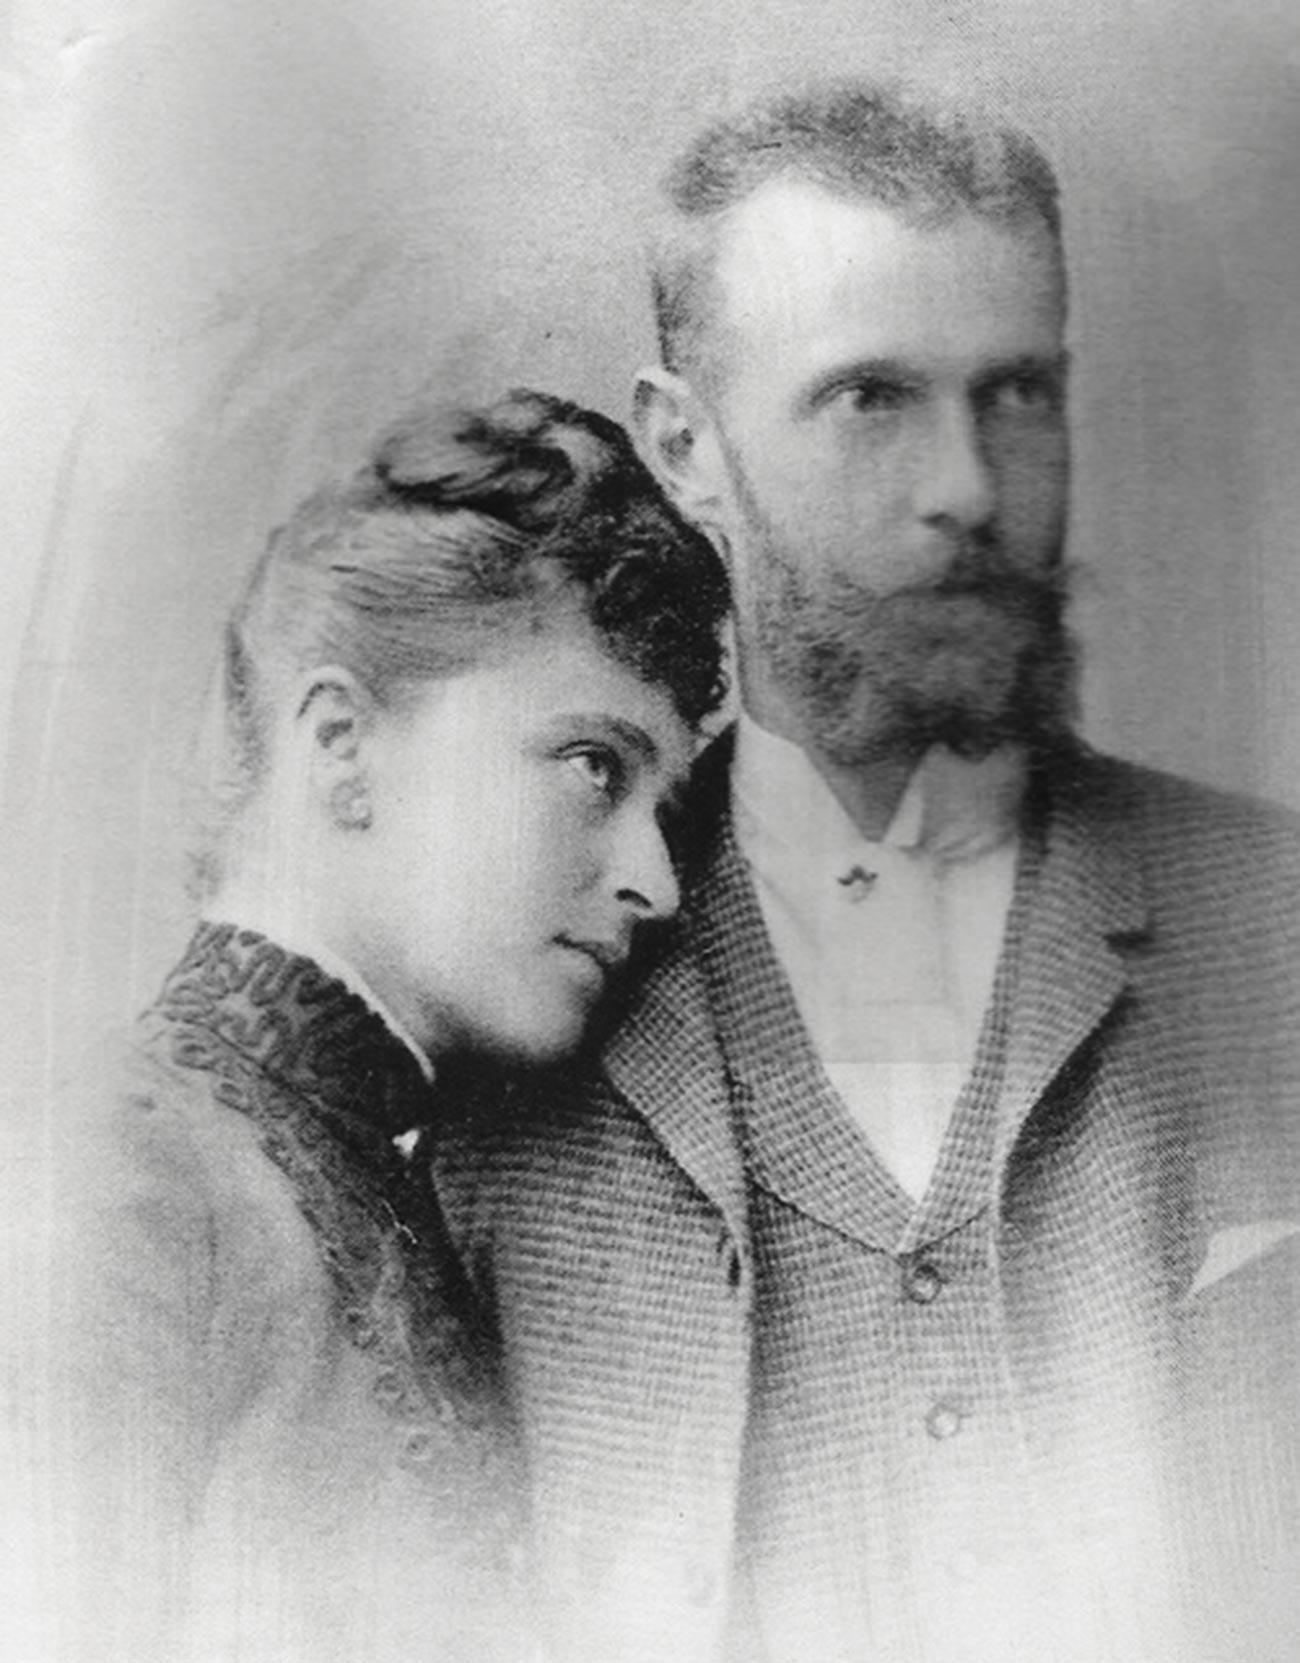 Elisabetta d'Assia-Darmstadt (Elisaveta Fjodorovna, detta Ella) e Sergej Aleksandrovich Romanov